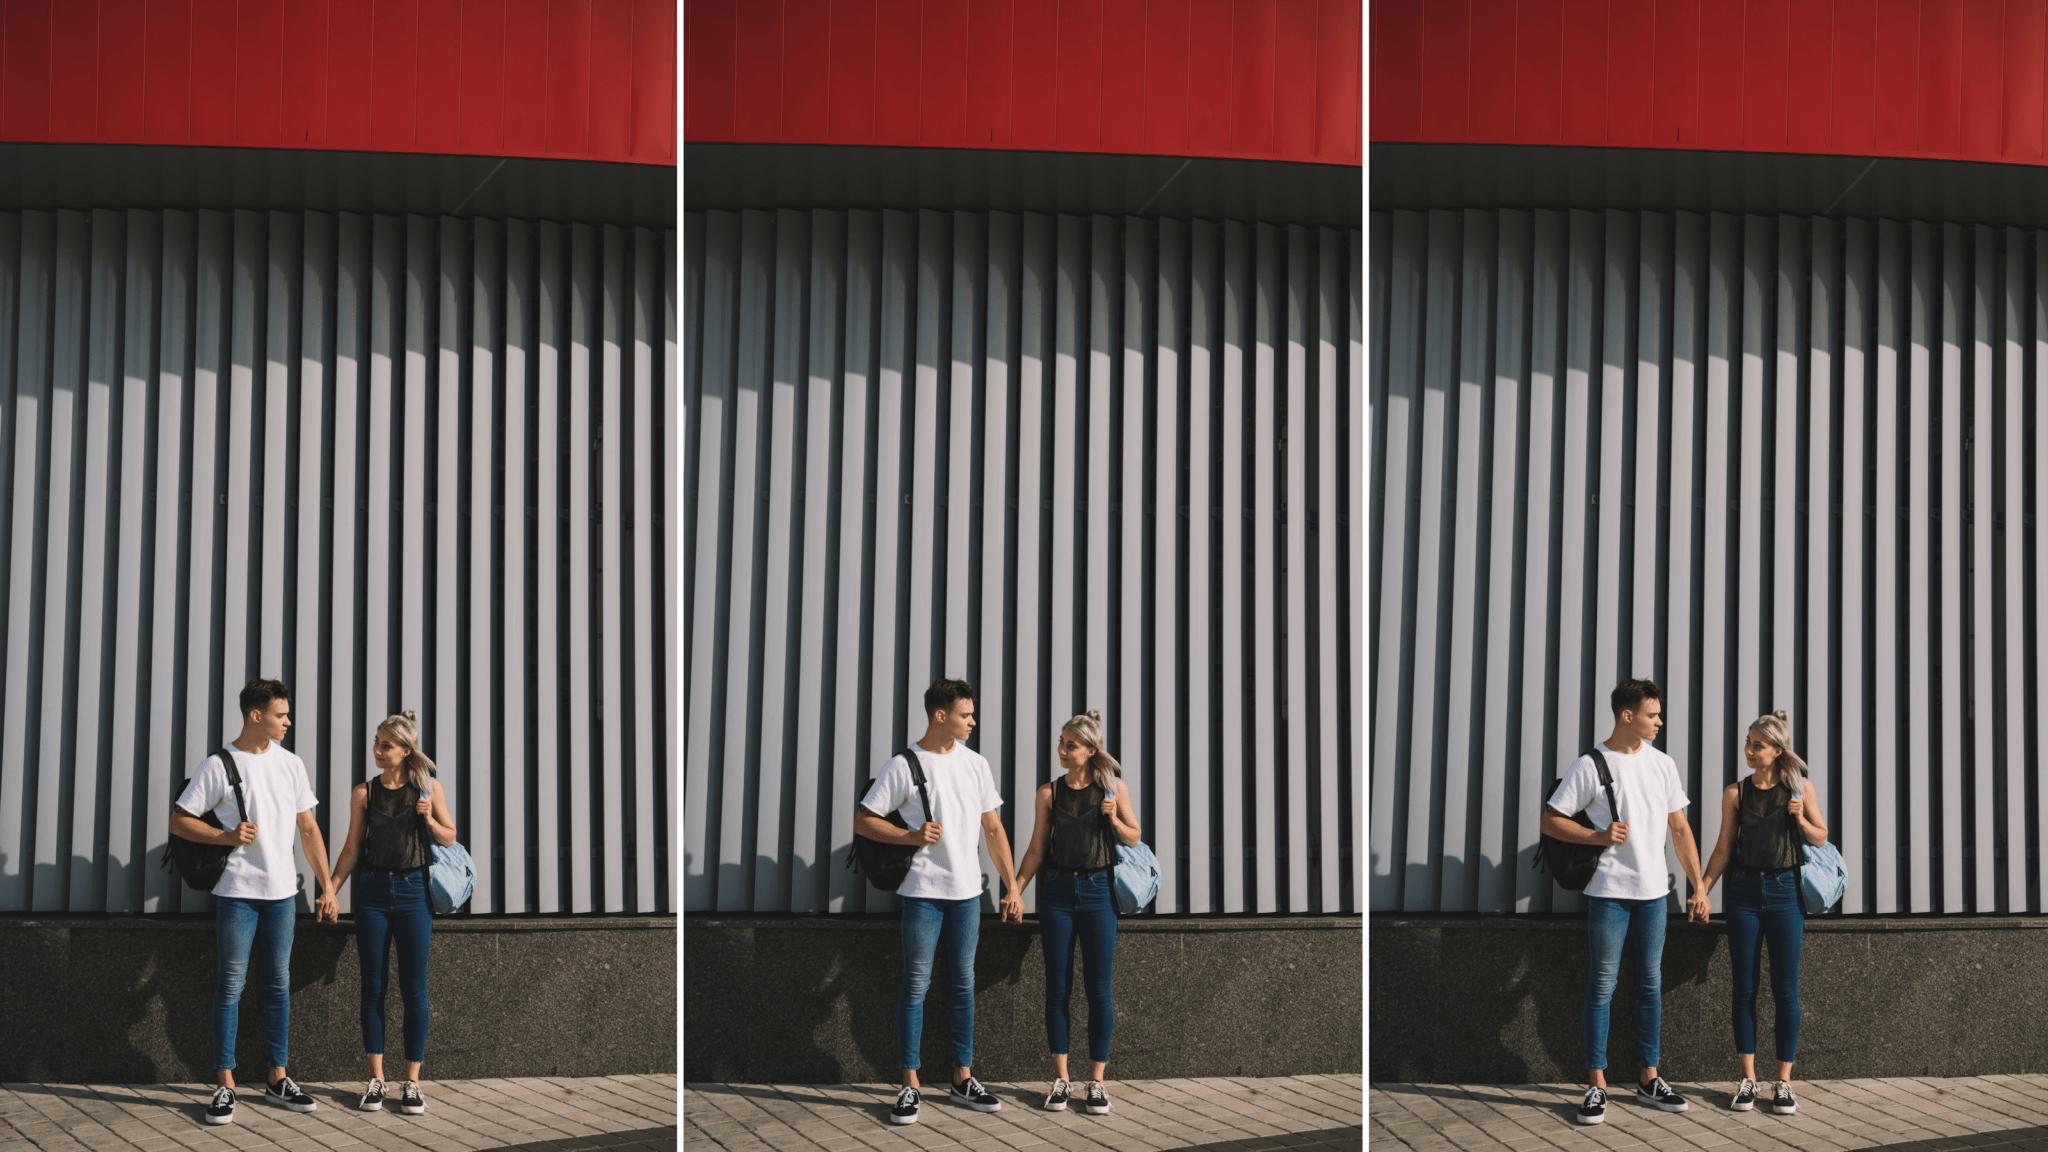 26 Best Gifts for Long Distance Boyfriend - By Sophia Lee